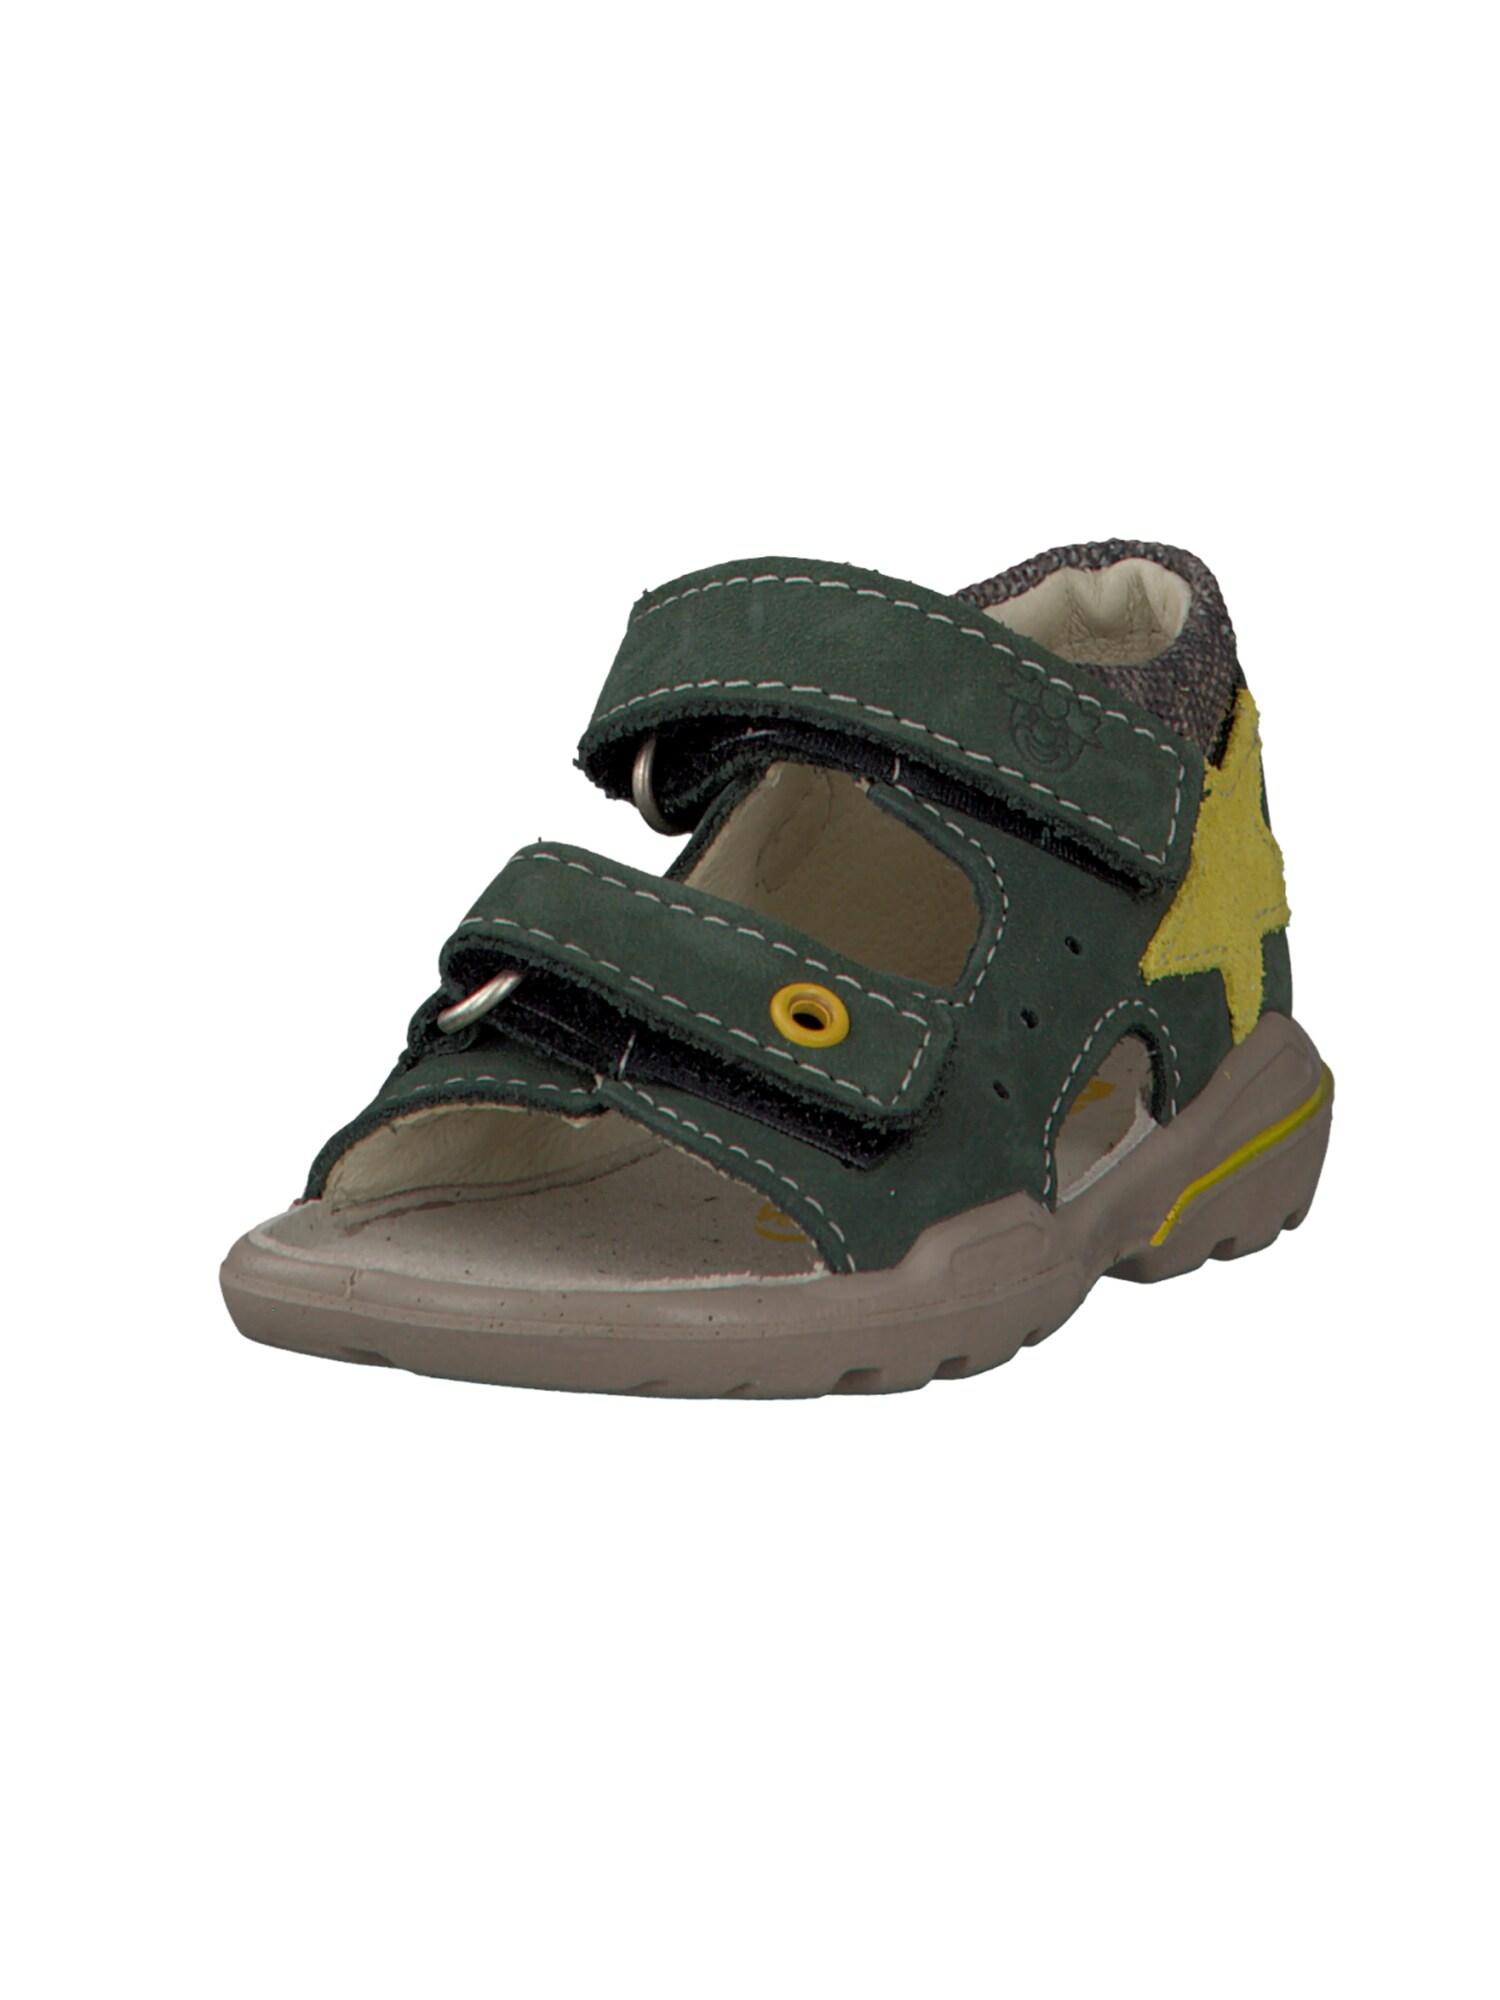 Otevřená obuv JOEY žlutá olivová Pepino